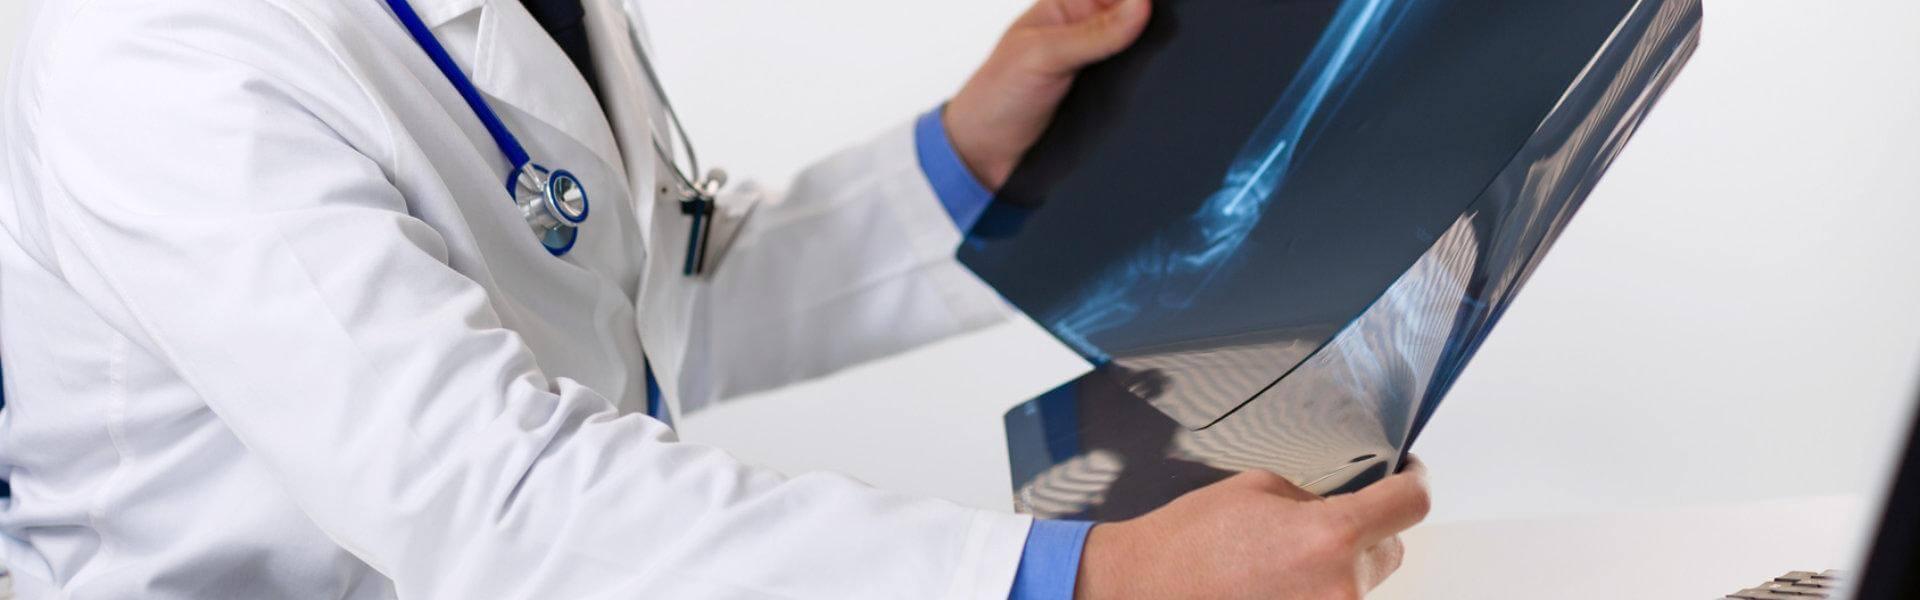 Zdjęcie lekarza sprawdzającego rentgen